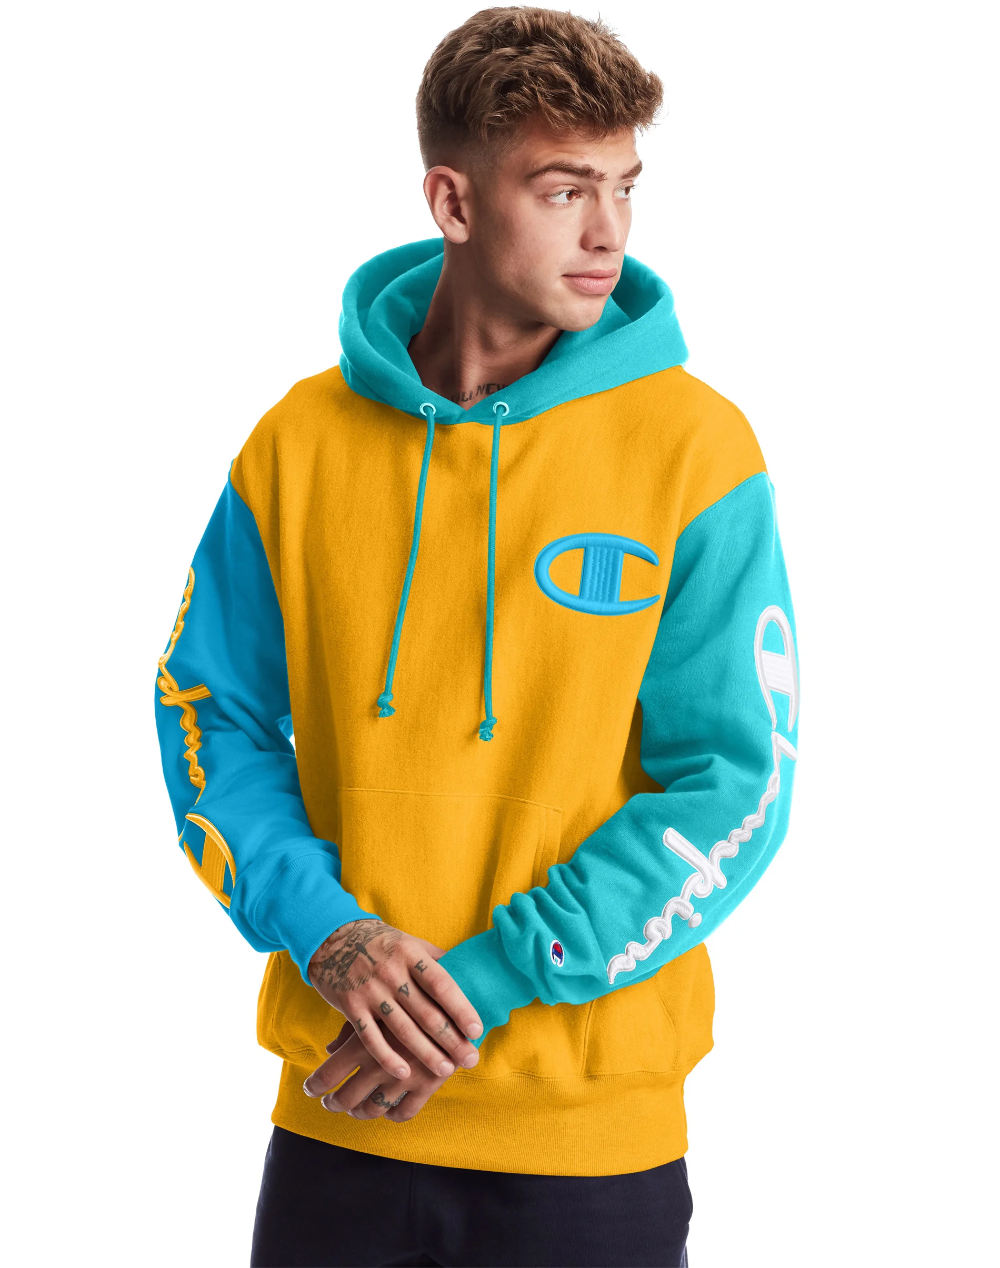 Reverse Weave Colorblock Hoodie Trendy Hoodies Stylish Hoodies Champion Clothing [ 1268 x 1000 Pixel ]